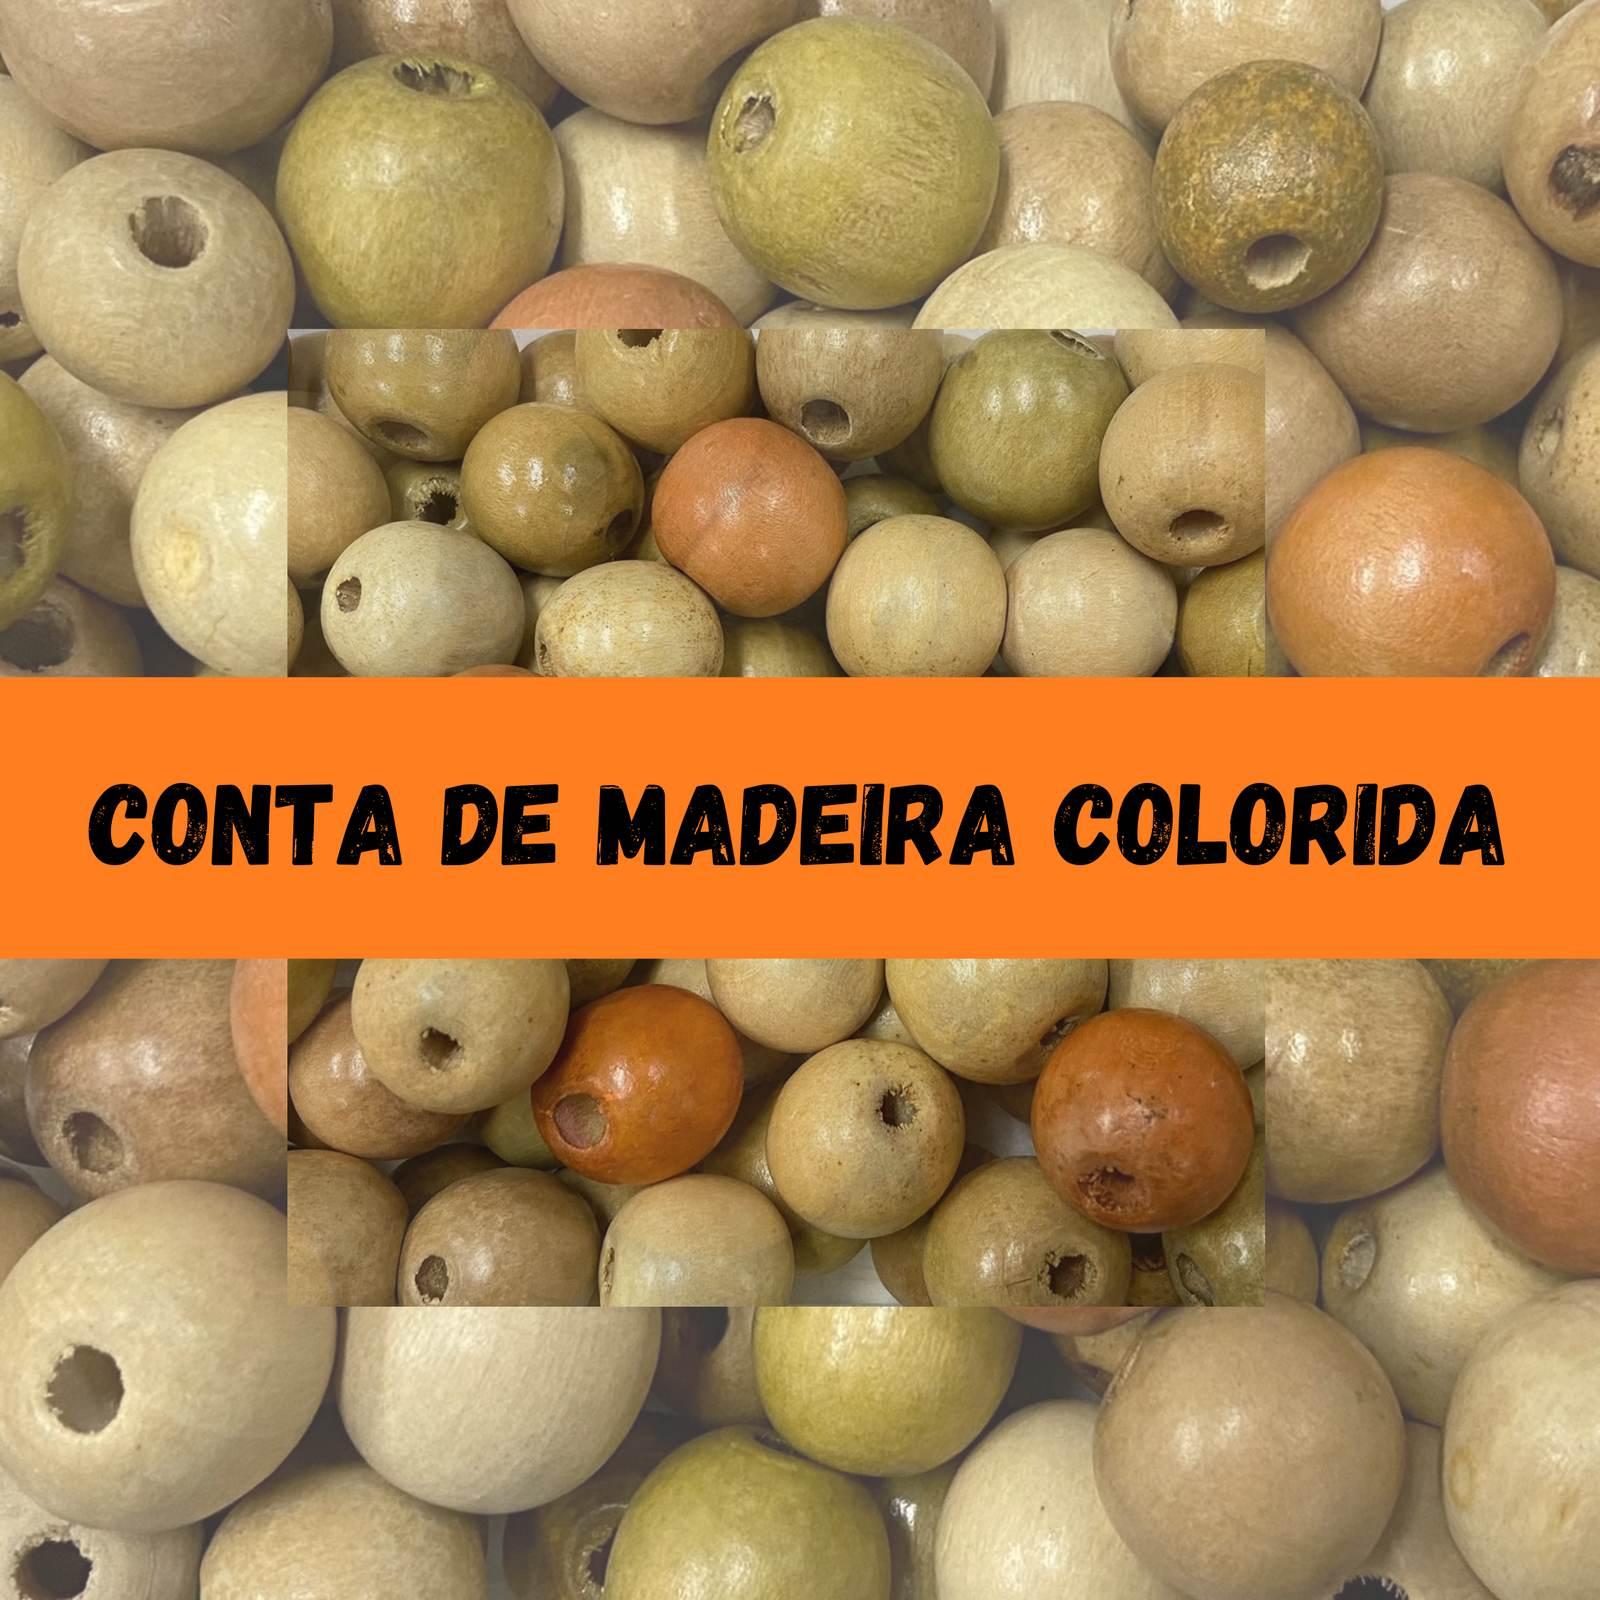 Conta de Madeira Colorida - 350 gramas